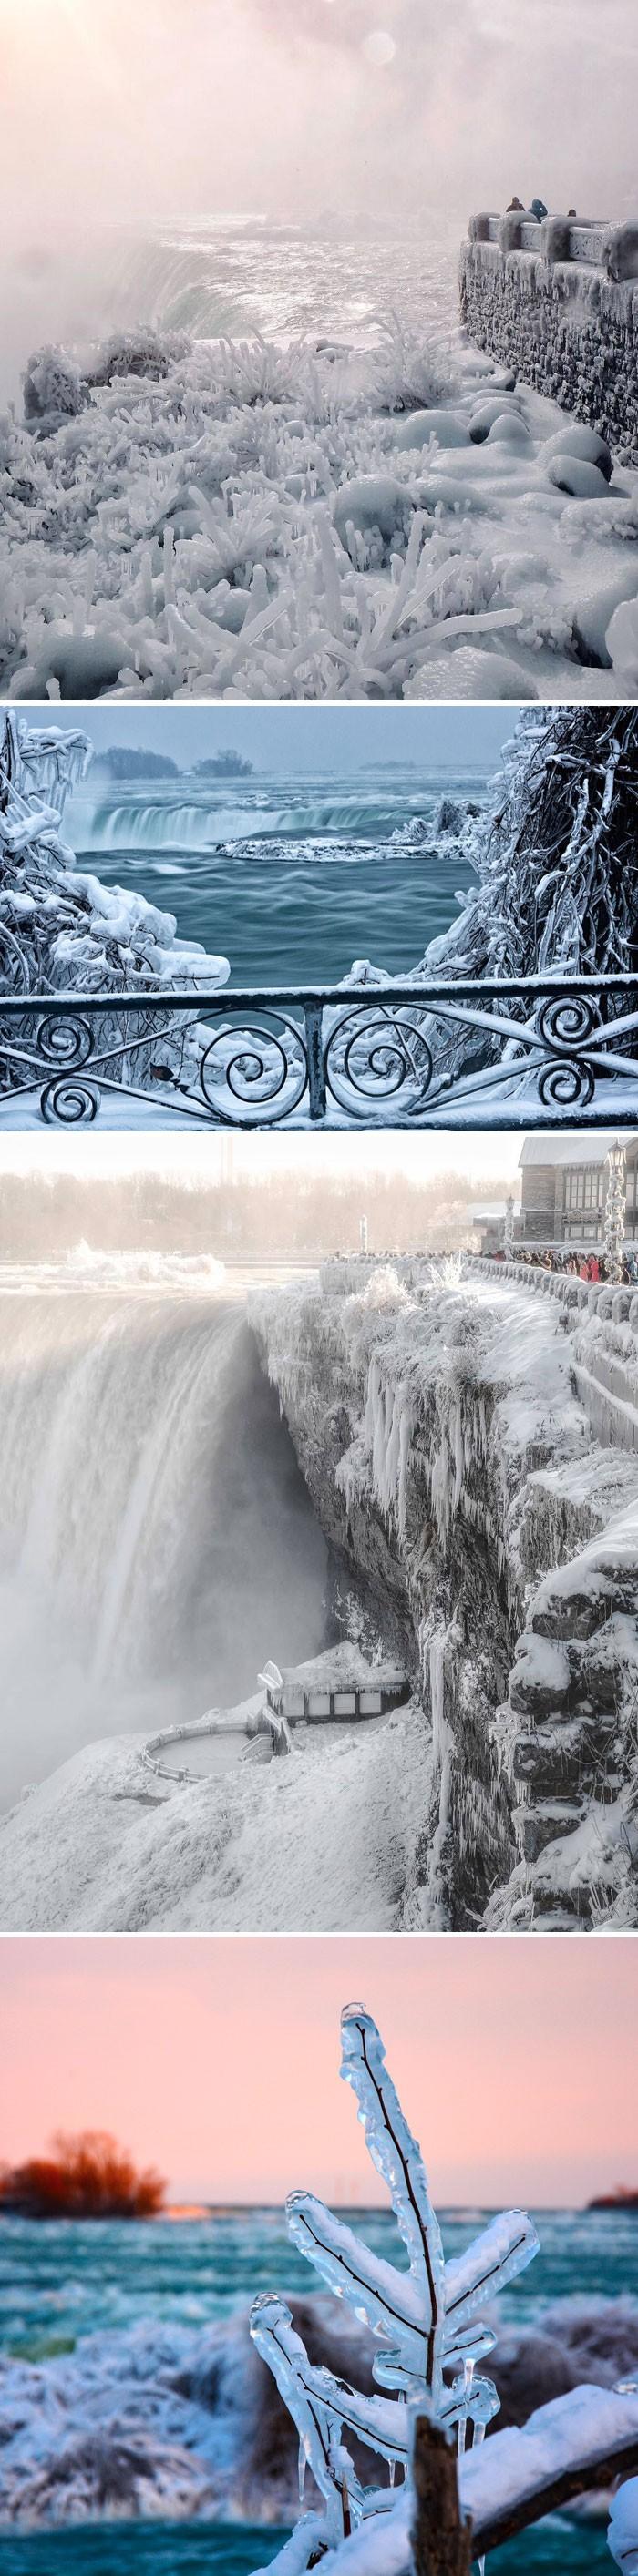 Cả thế giới đang hứng chịu cái lạnh tồi tệ, dự đoán mùa đông lạnh nhất 100 năm qua trở thành hiện thực tại nhiều nơi - Ảnh 4.